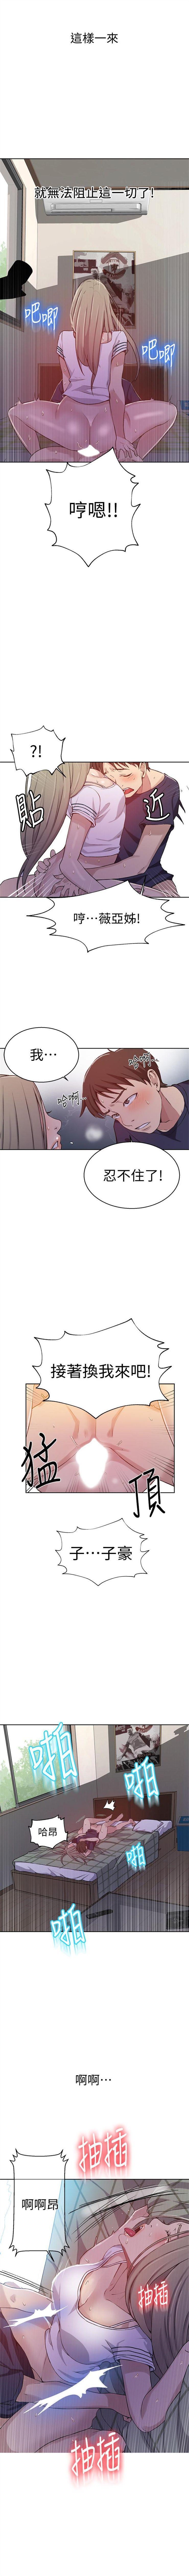 (週6)秘密教學  1-35 中文翻譯 (更新中) 204